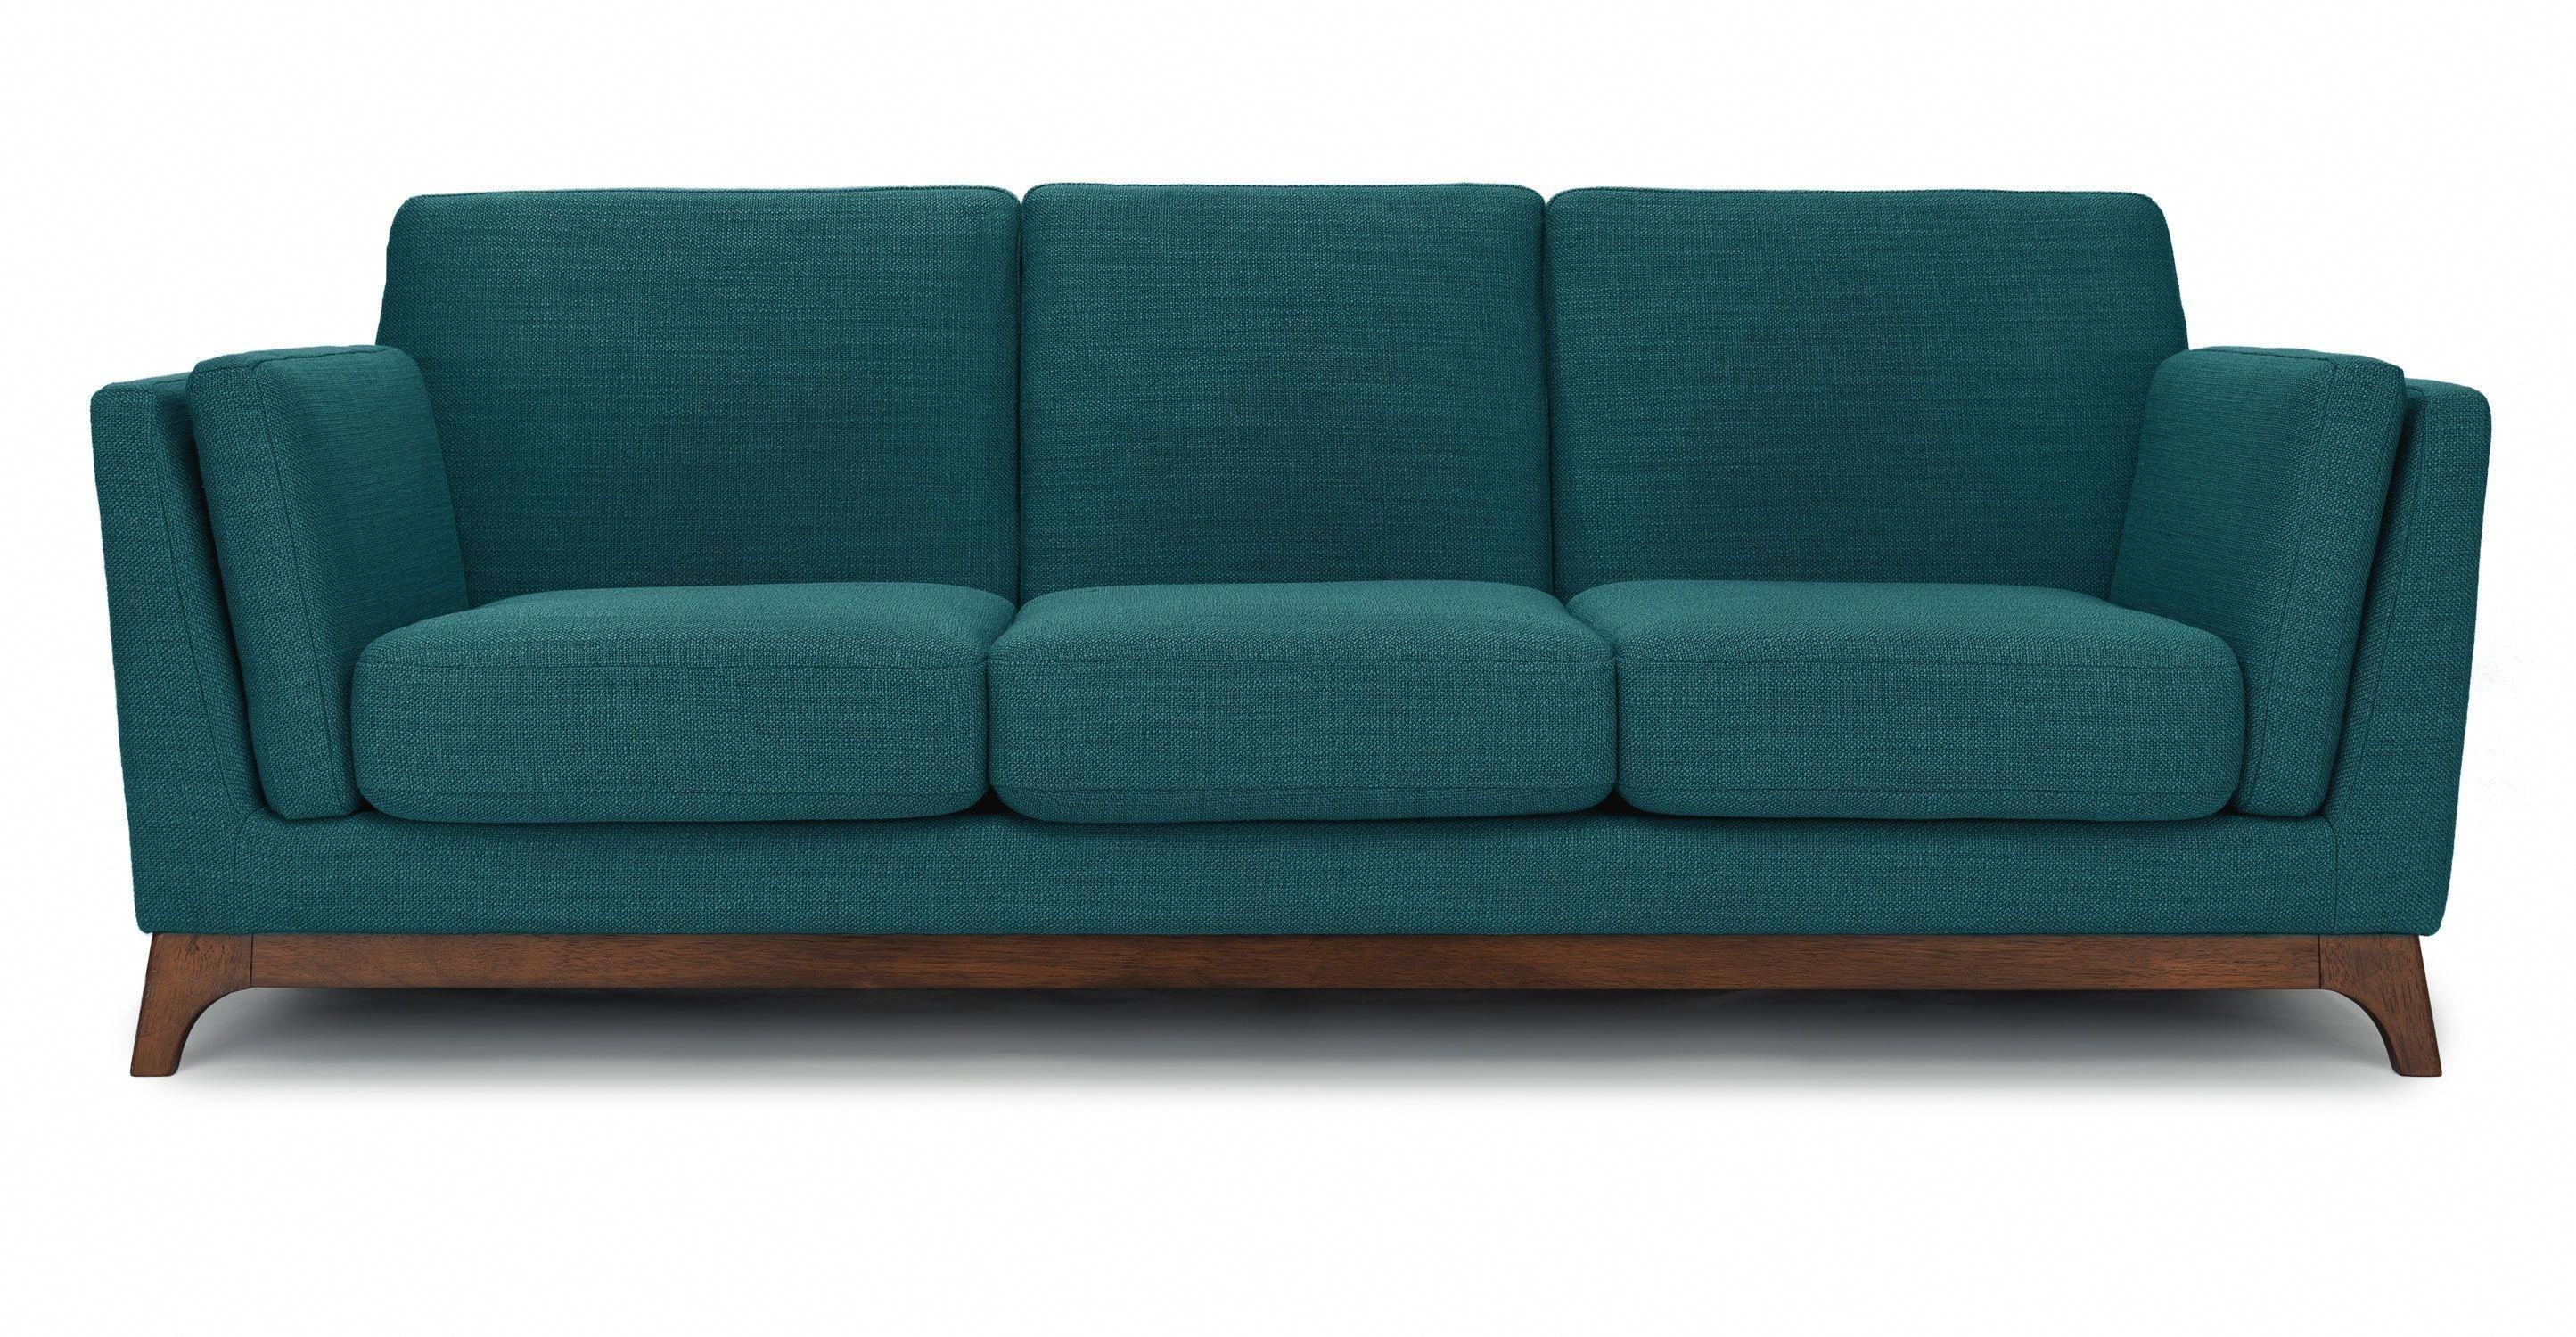 Location De Funky Furniture Funkyfurniture In 2019 Furniture Gray Sofa Sofa